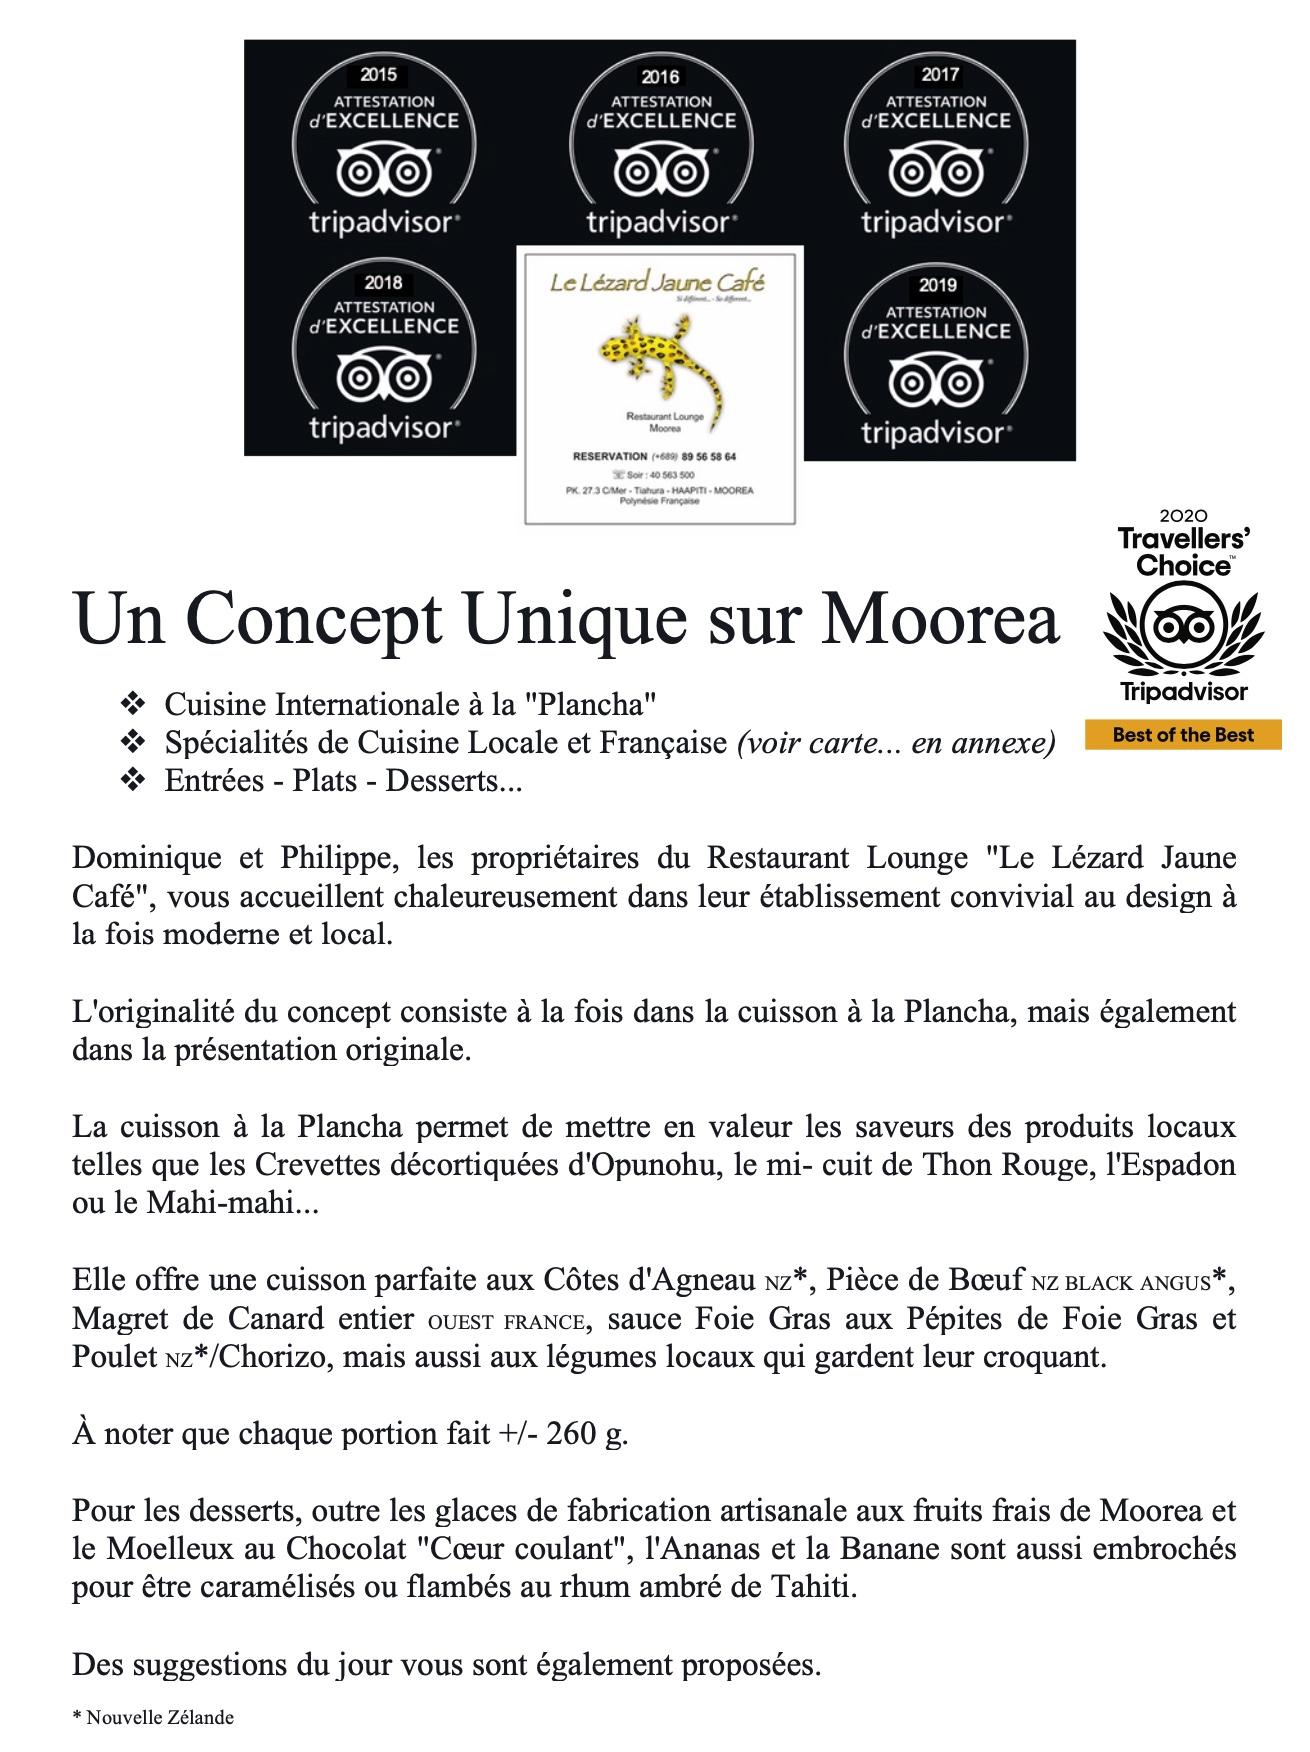 https://tahititourisme.es/wp-content/uploads/2017/08/1ère-de-page-FACEBOOK-2020.jpg